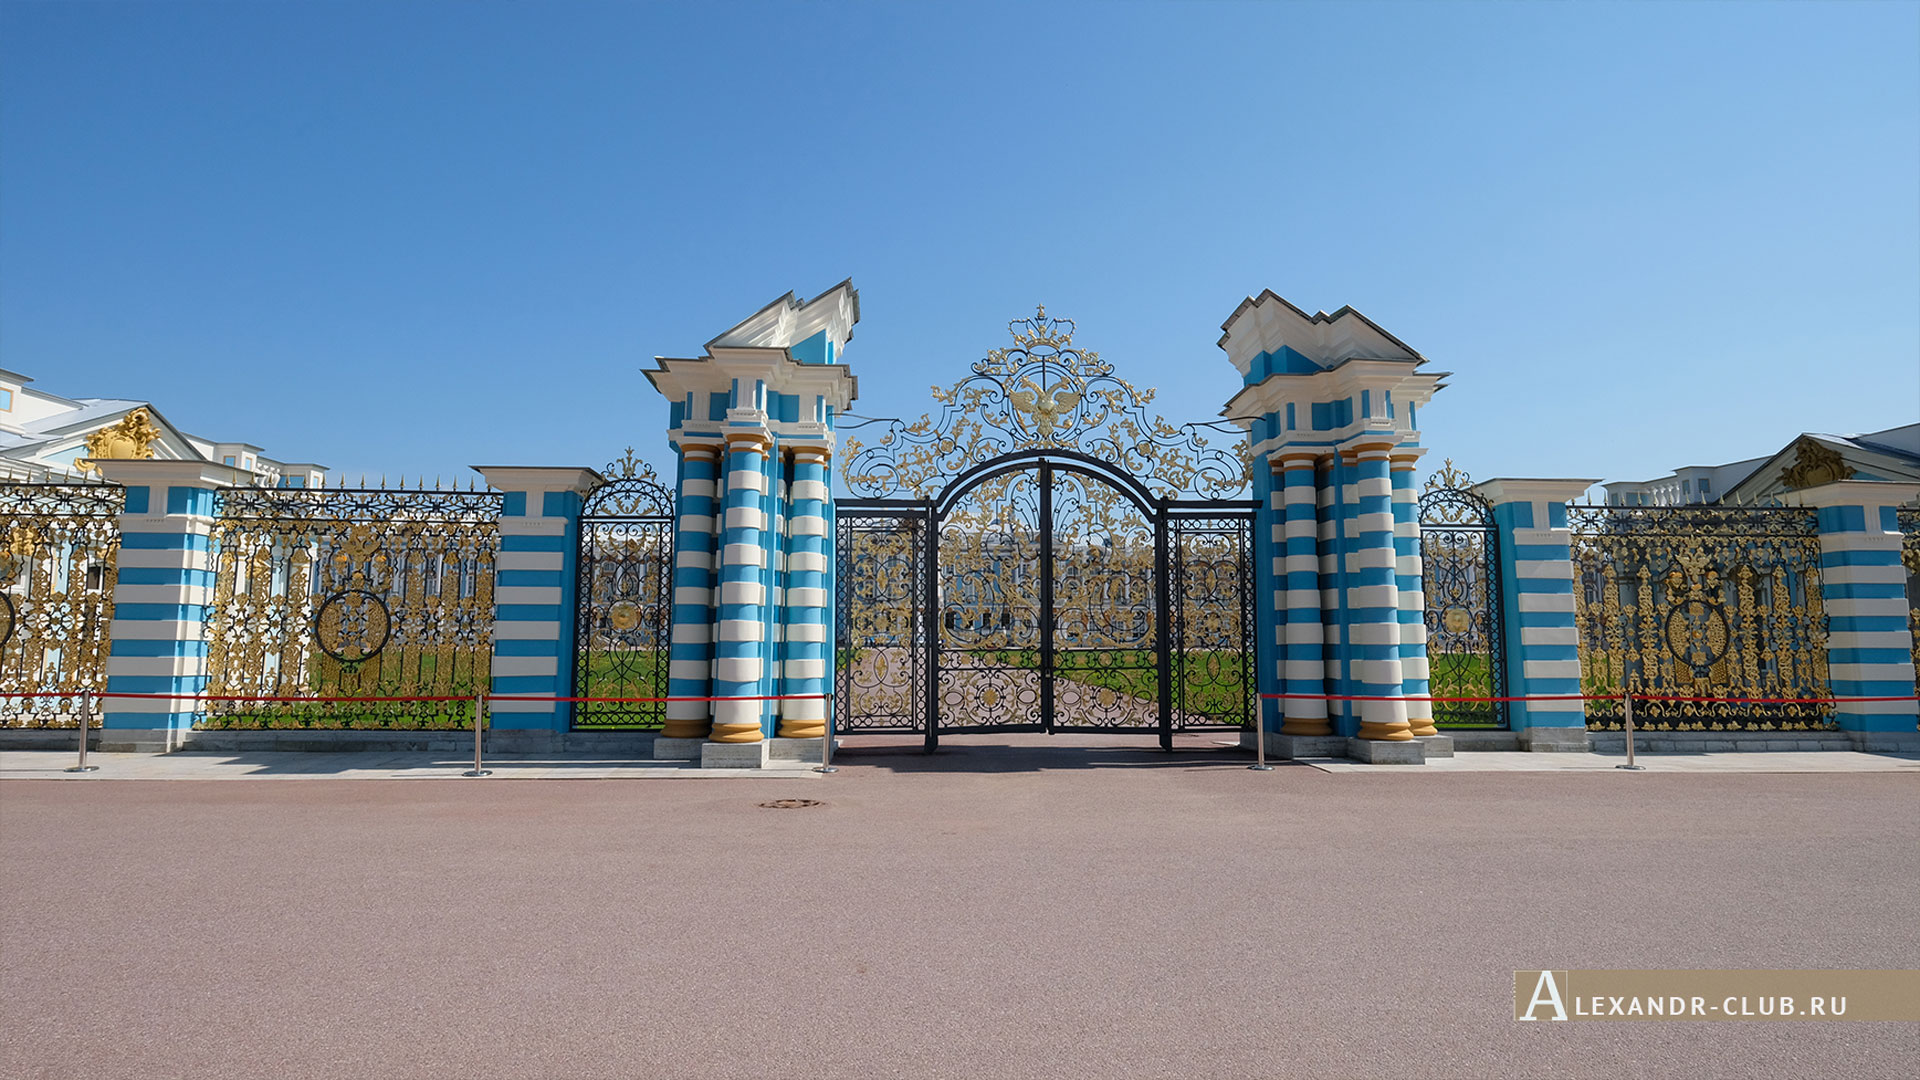 Царское Село, Екатерининский дворец, Золотые ворота